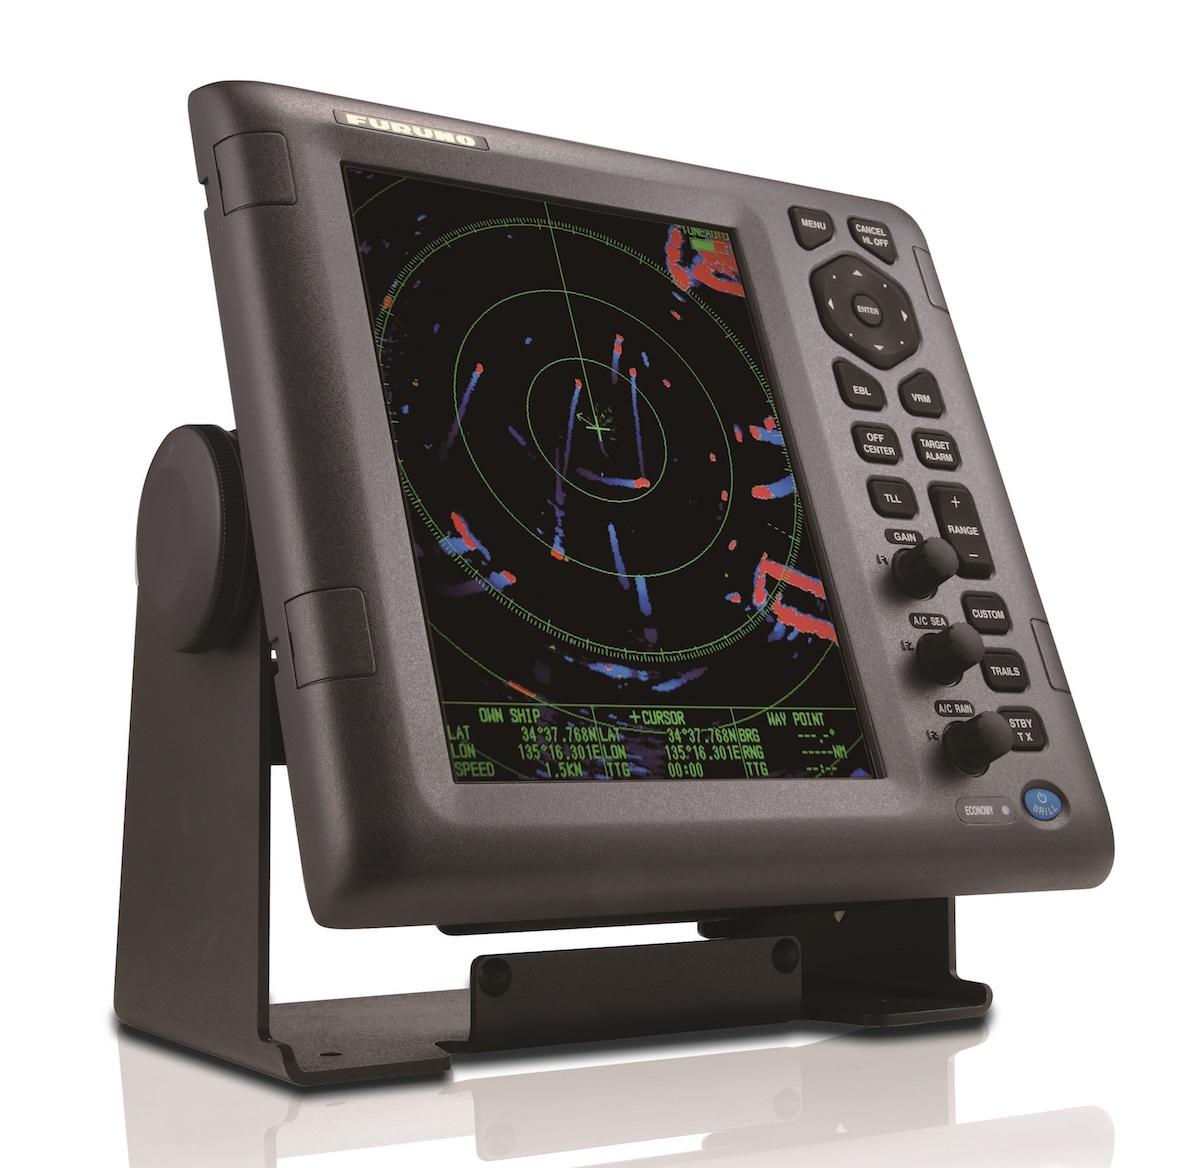 Furuno M1935 Radar Display